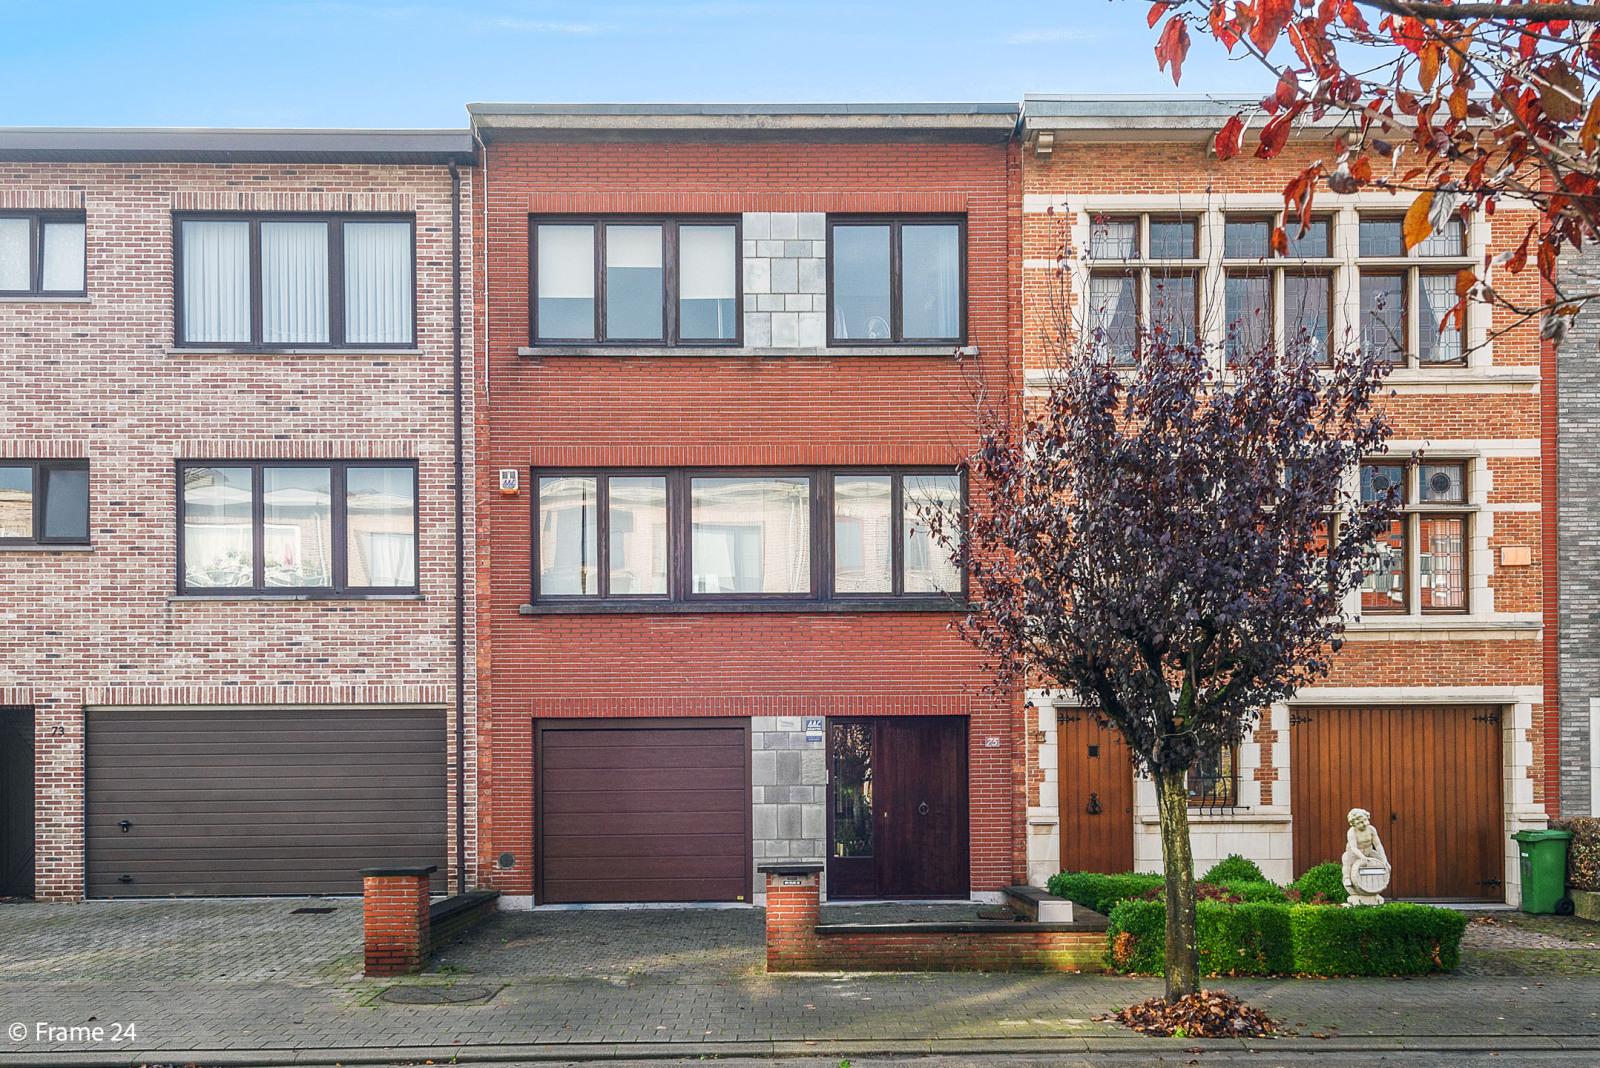 Verzorgde bel-étage met 3 slaapkamers, tuin en garage nabij centrum Wijnegem gelegen. afbeelding 1